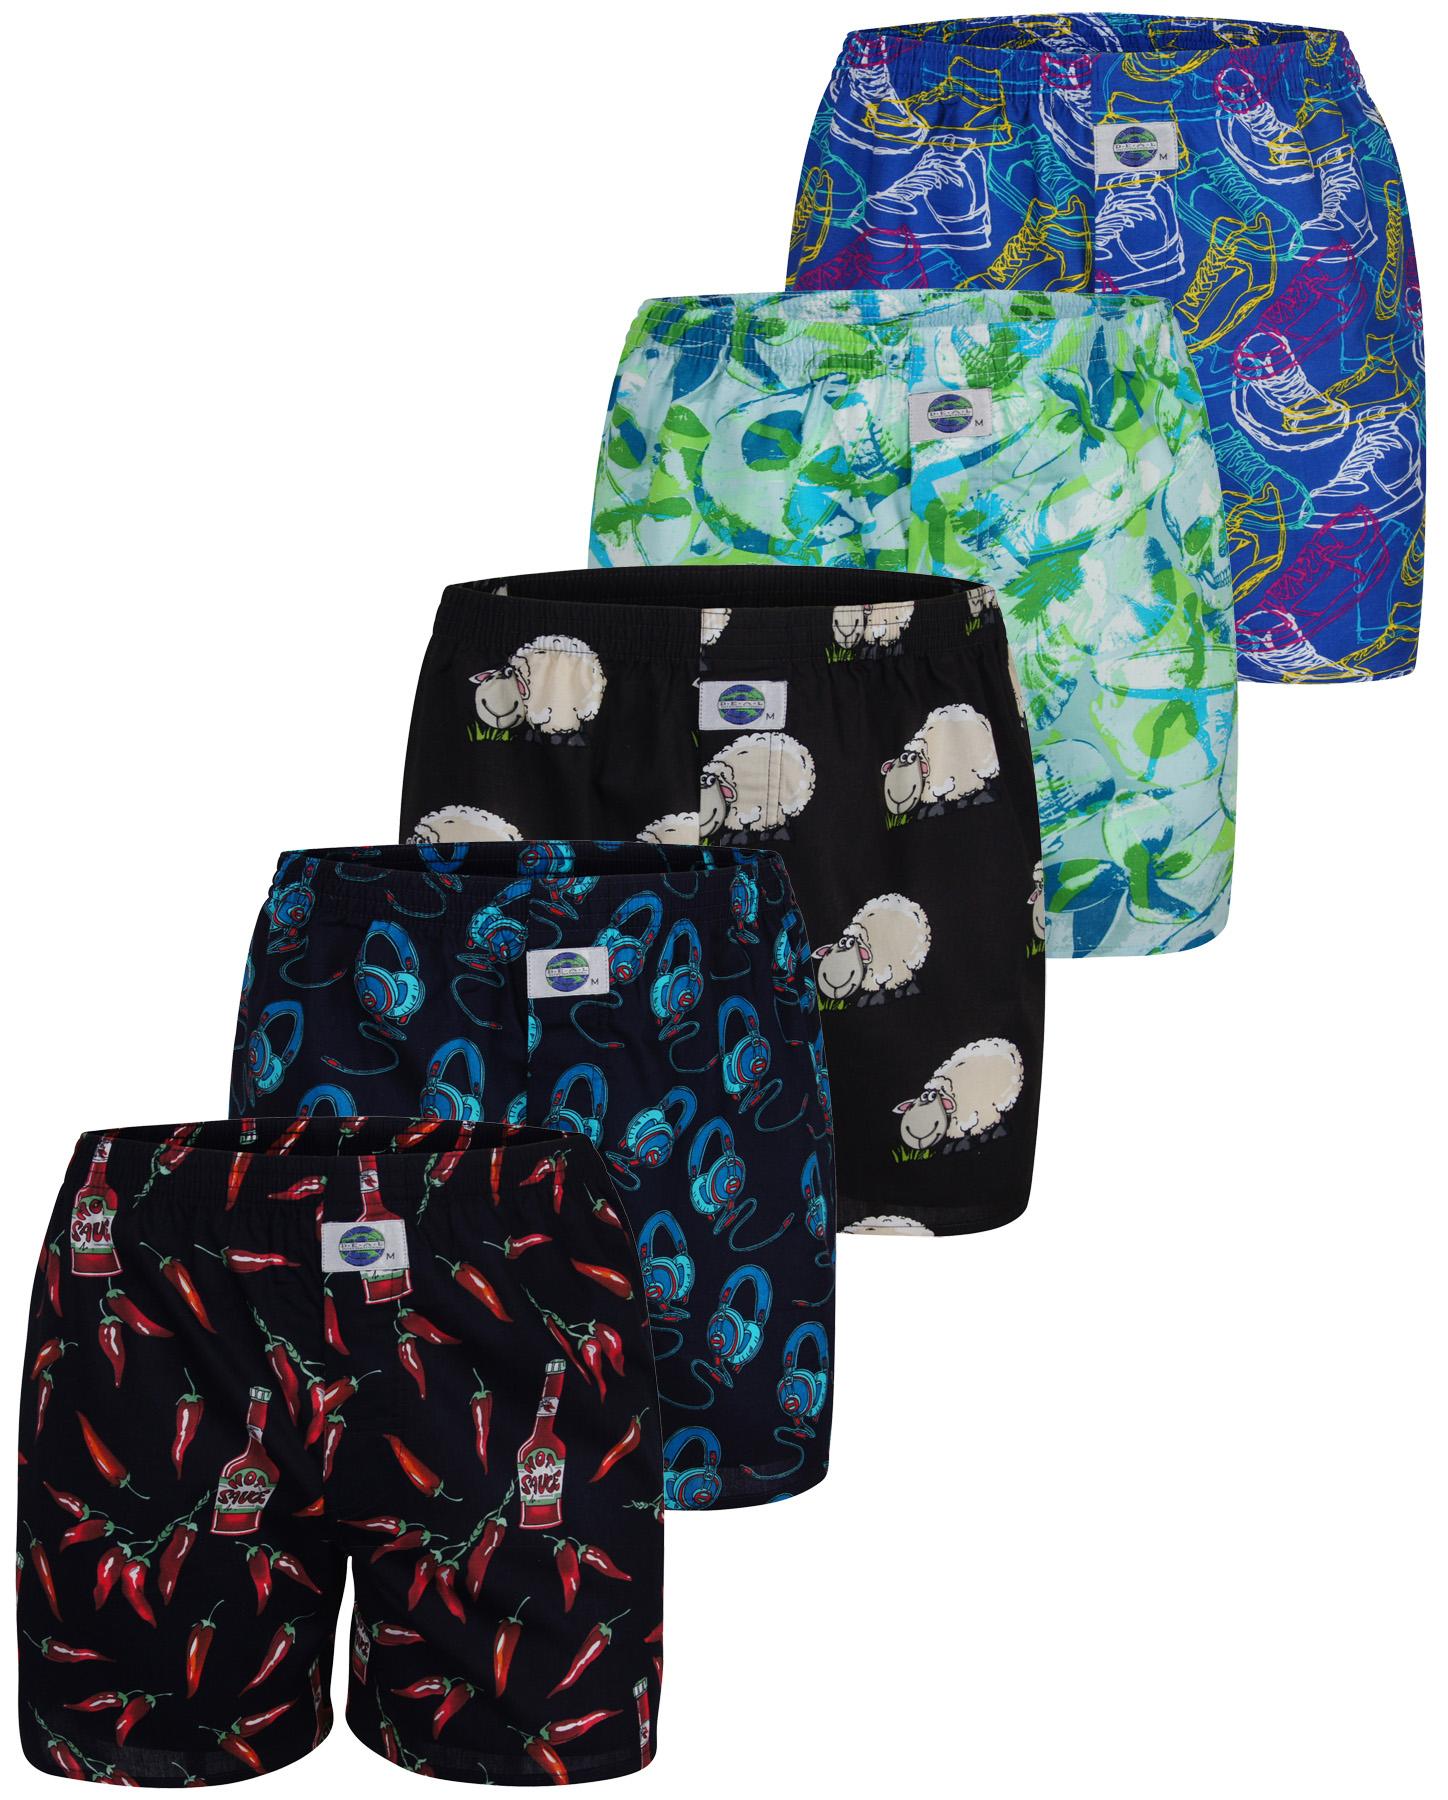 deal 5 pack herren boxershorts mit motiven mehrfarbig s. Black Bedroom Furniture Sets. Home Design Ideas